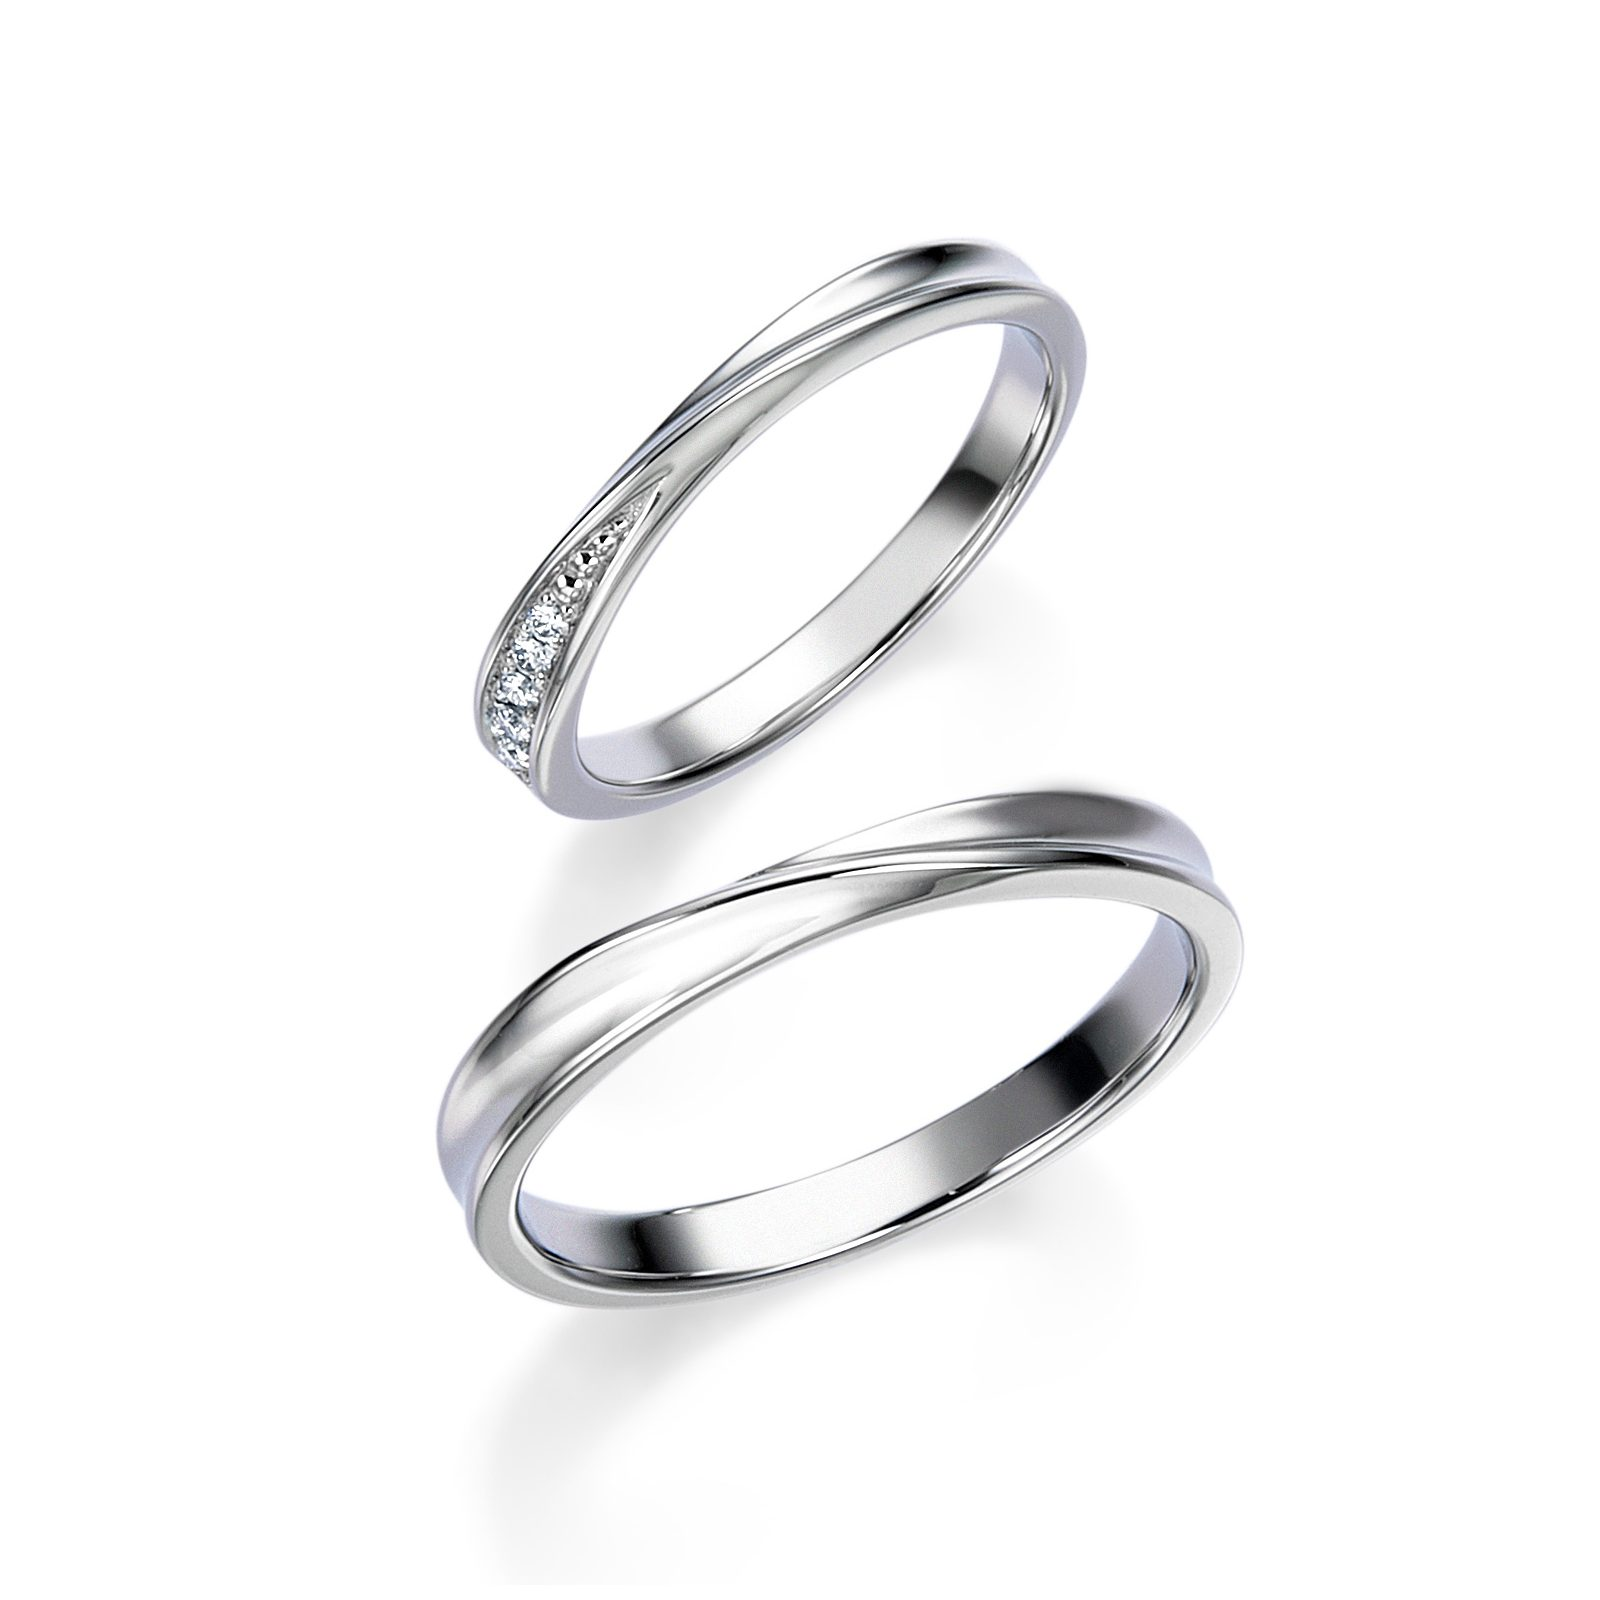 シンプル 結婚指輪のWRB060 _WRA050